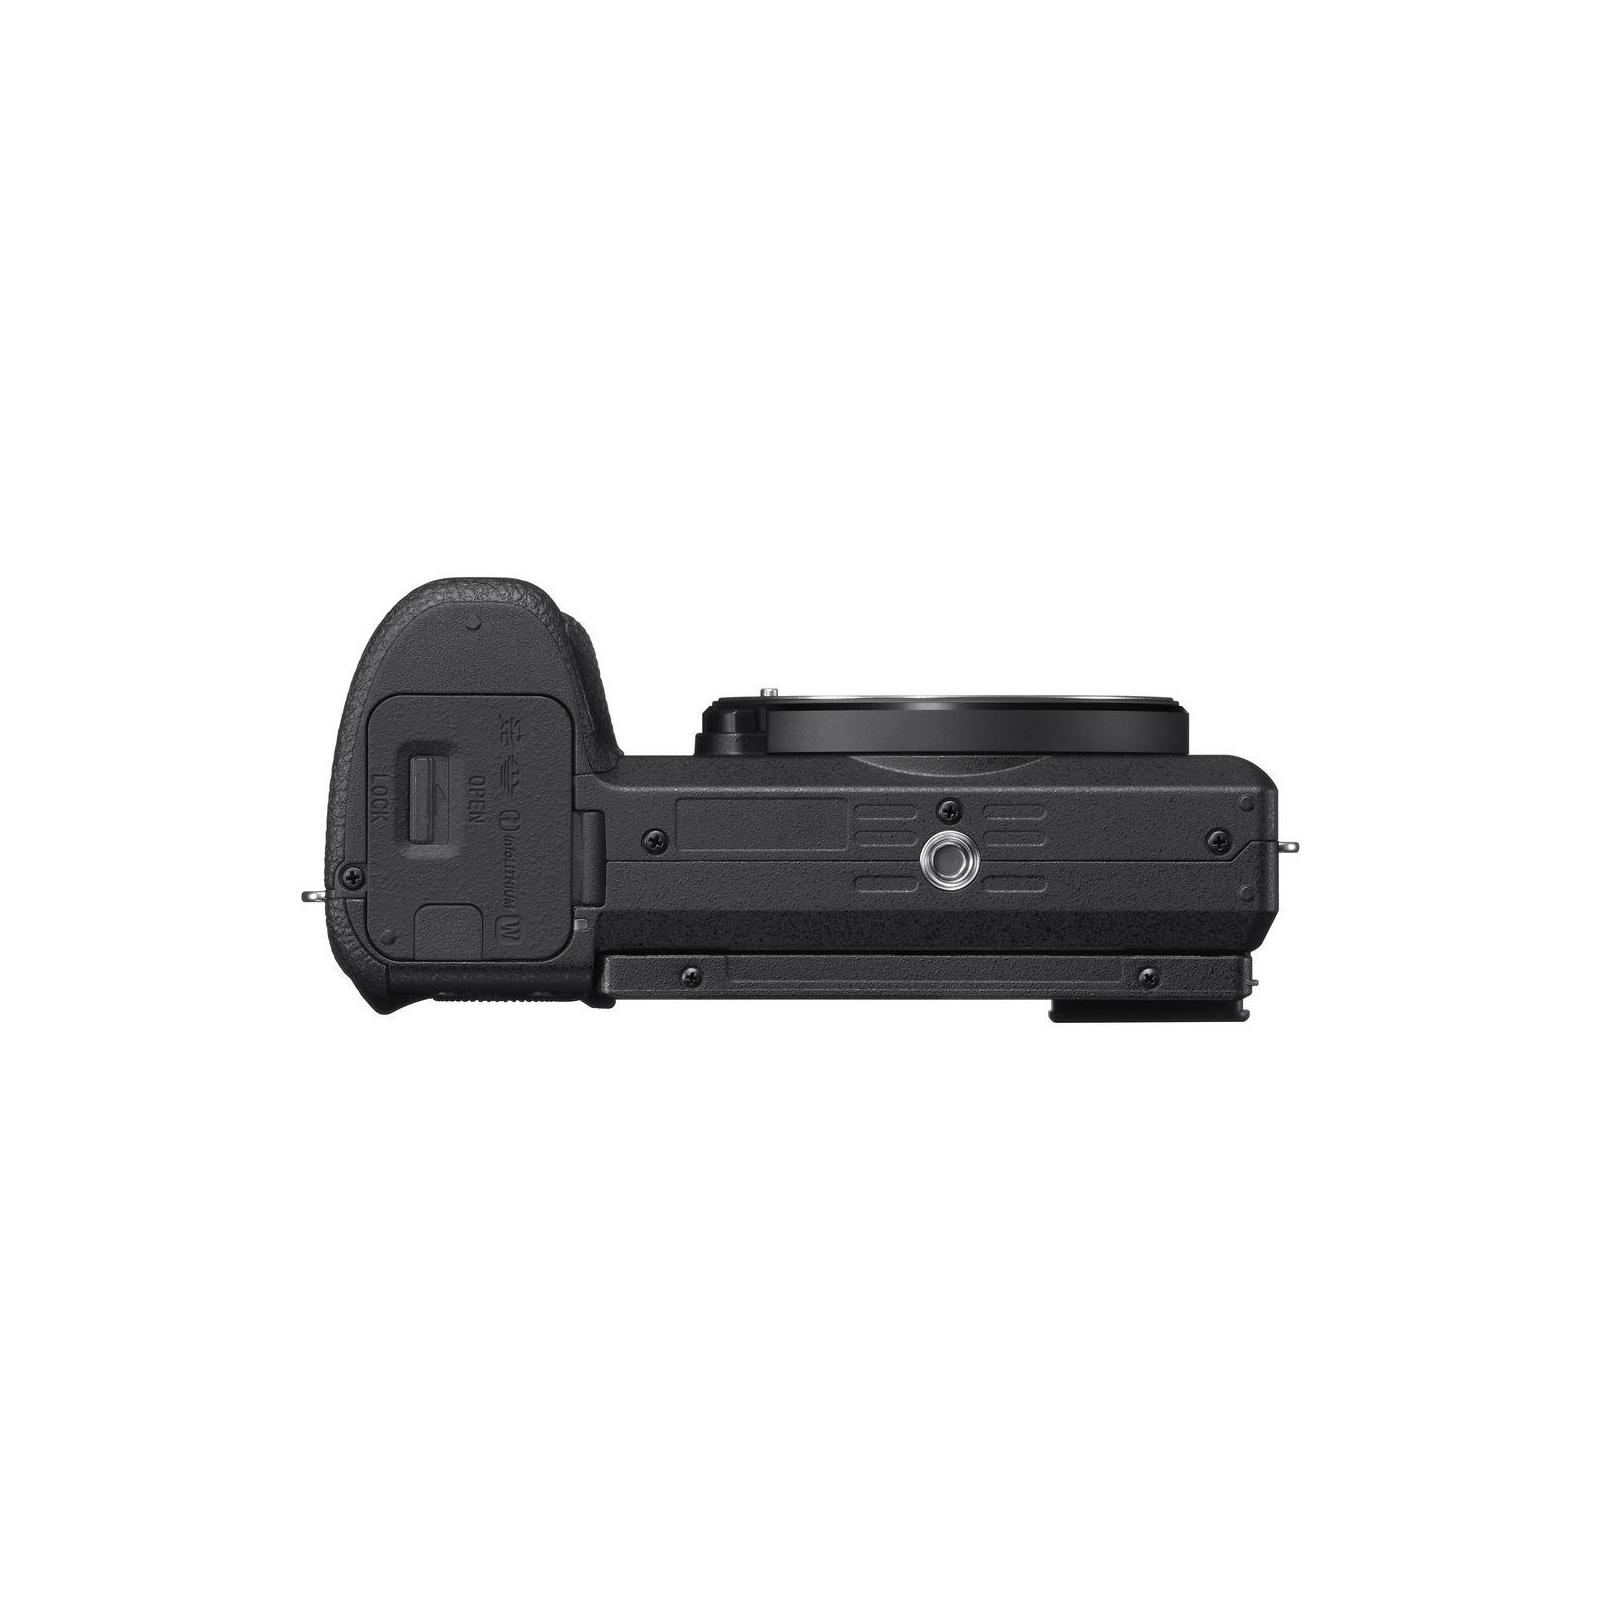 Цифровой фотоаппарат Sony Alpha 6500 body Black (ILCE6500B.CEC) изображение 6